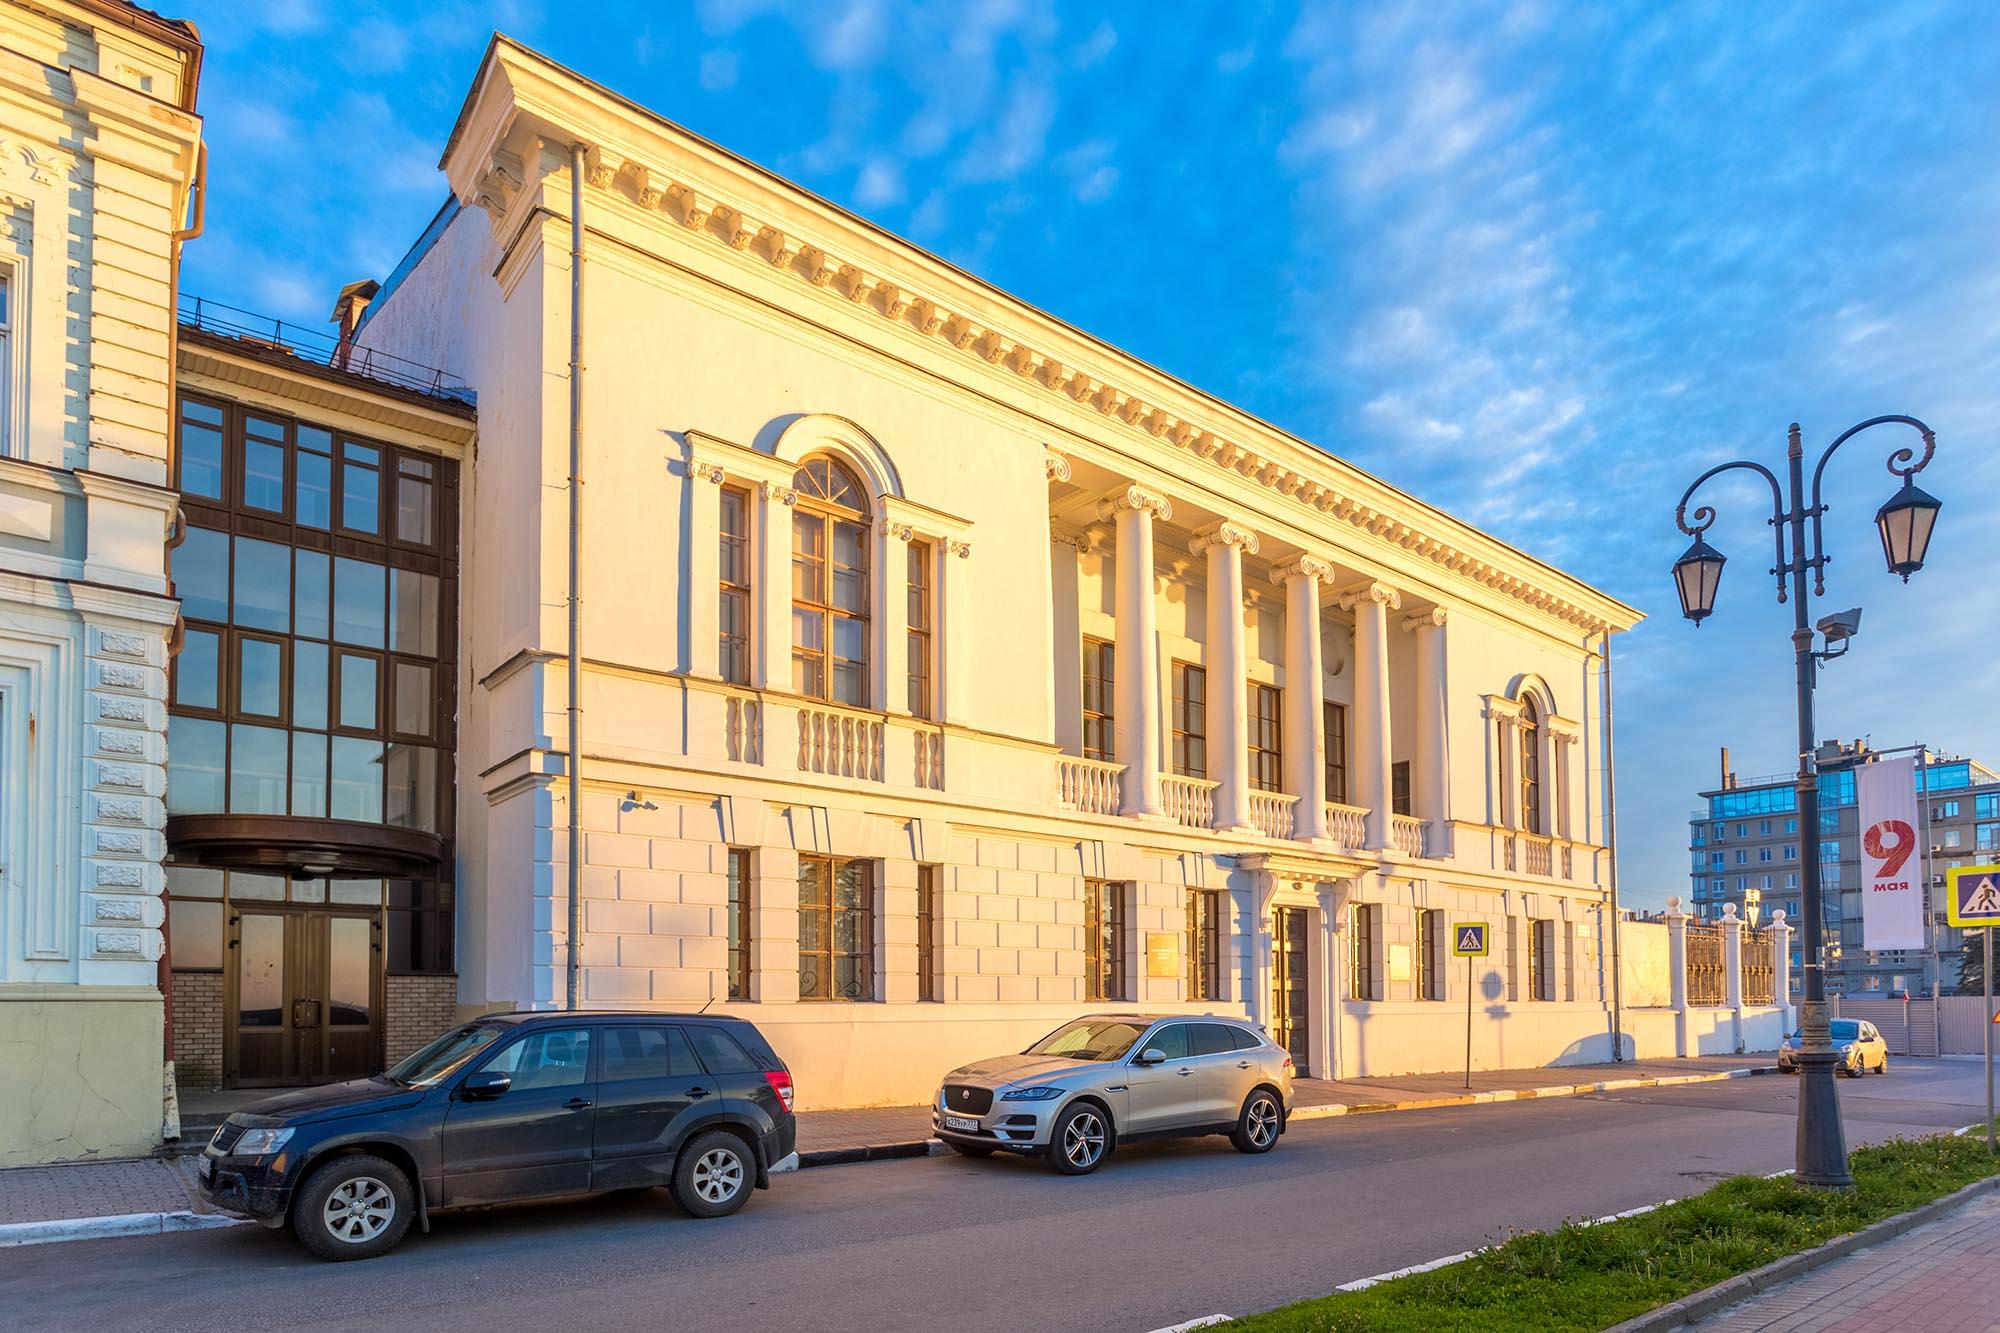 Реставрационно-восстановительные работы в доме Сироткина в Нижнем Новгороде продолжатся до конца 2020 года